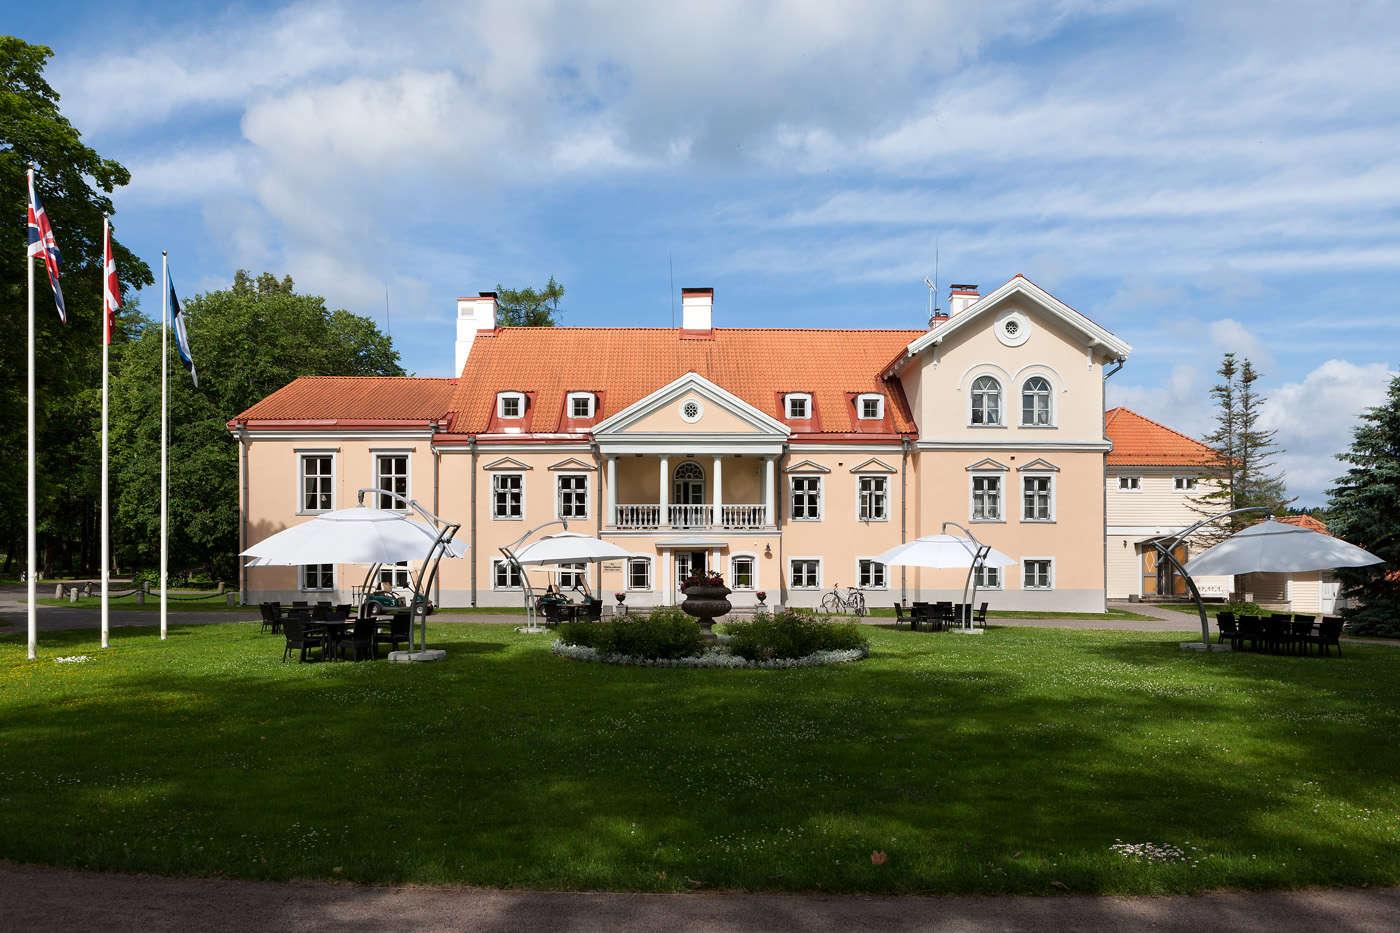 Vihula Manor Country Club & SPA - välis